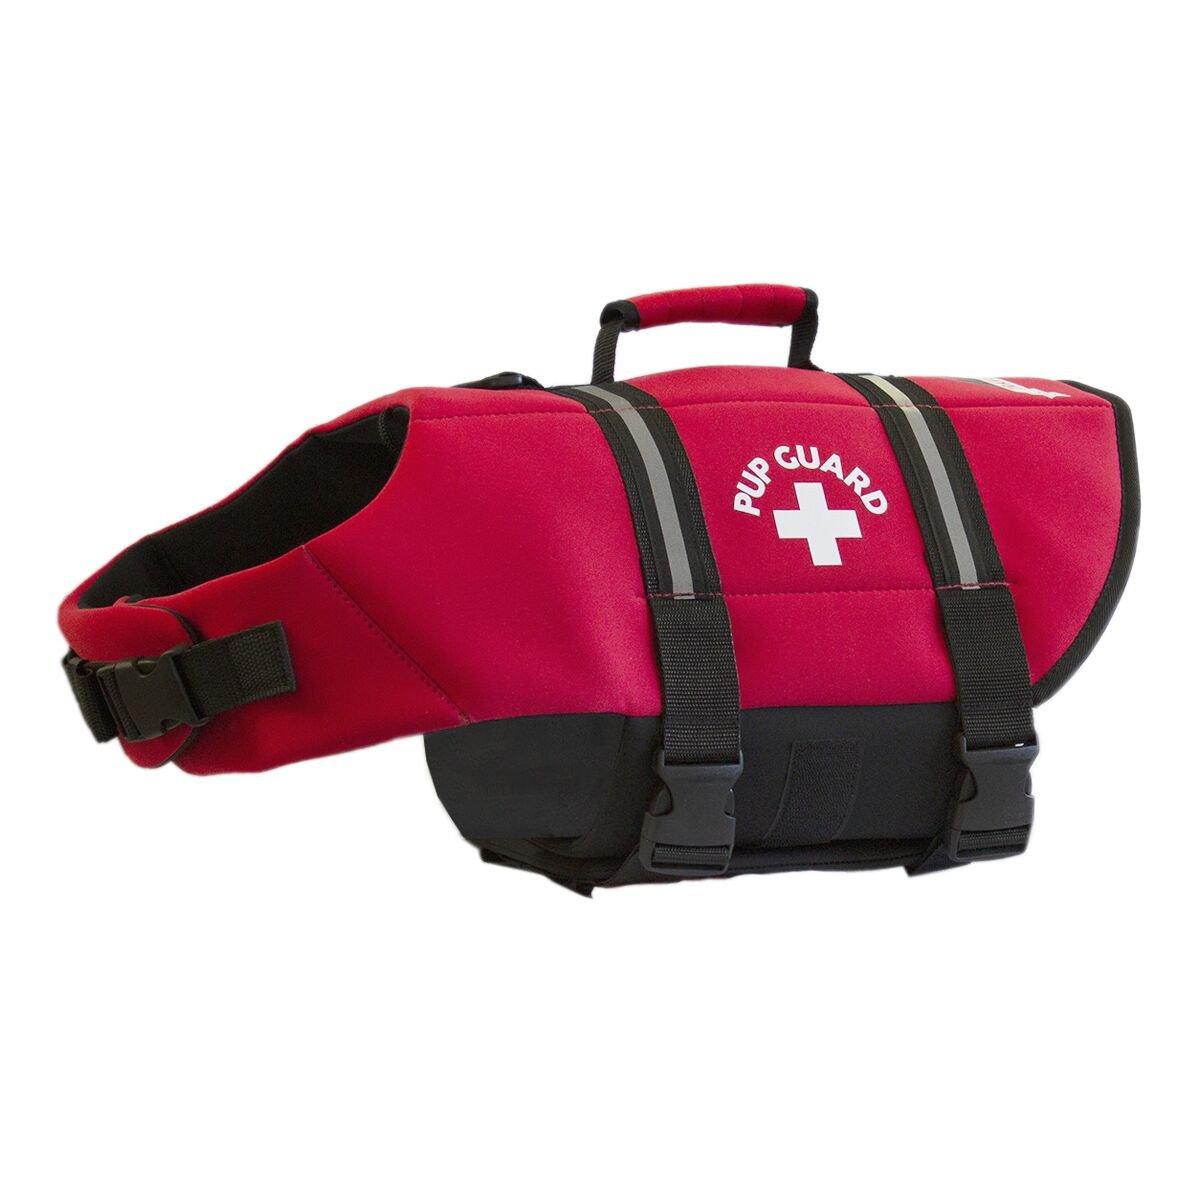 Travelin K9 Premium Red Neoprene Dog Life Jacket, Reflective, Bouyant (Large 30-38'' Chest)